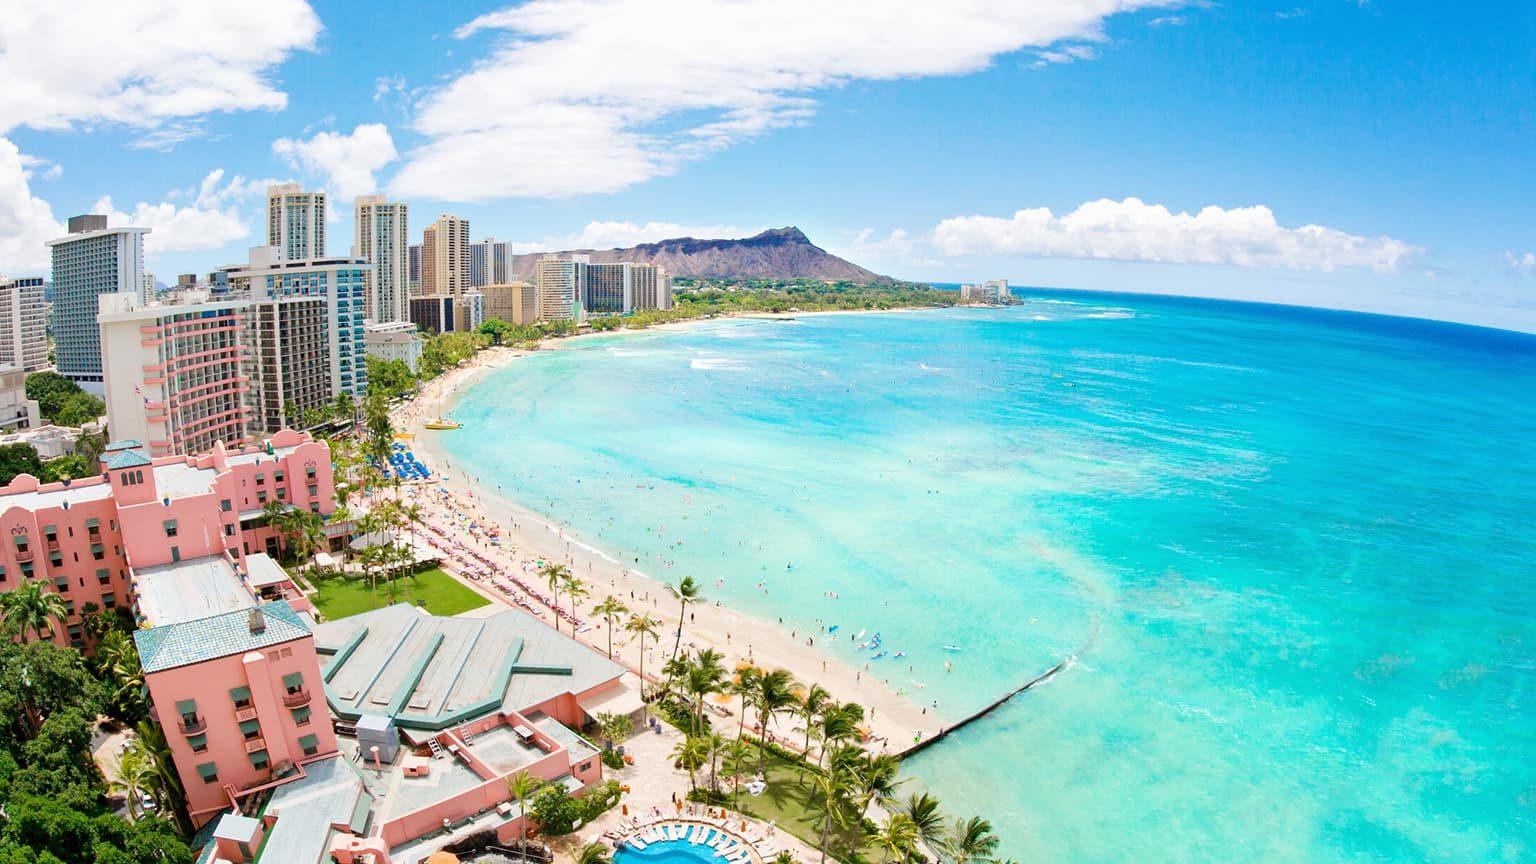 Waikiki beach resort in Honolulu, Oahu, Hawaii.